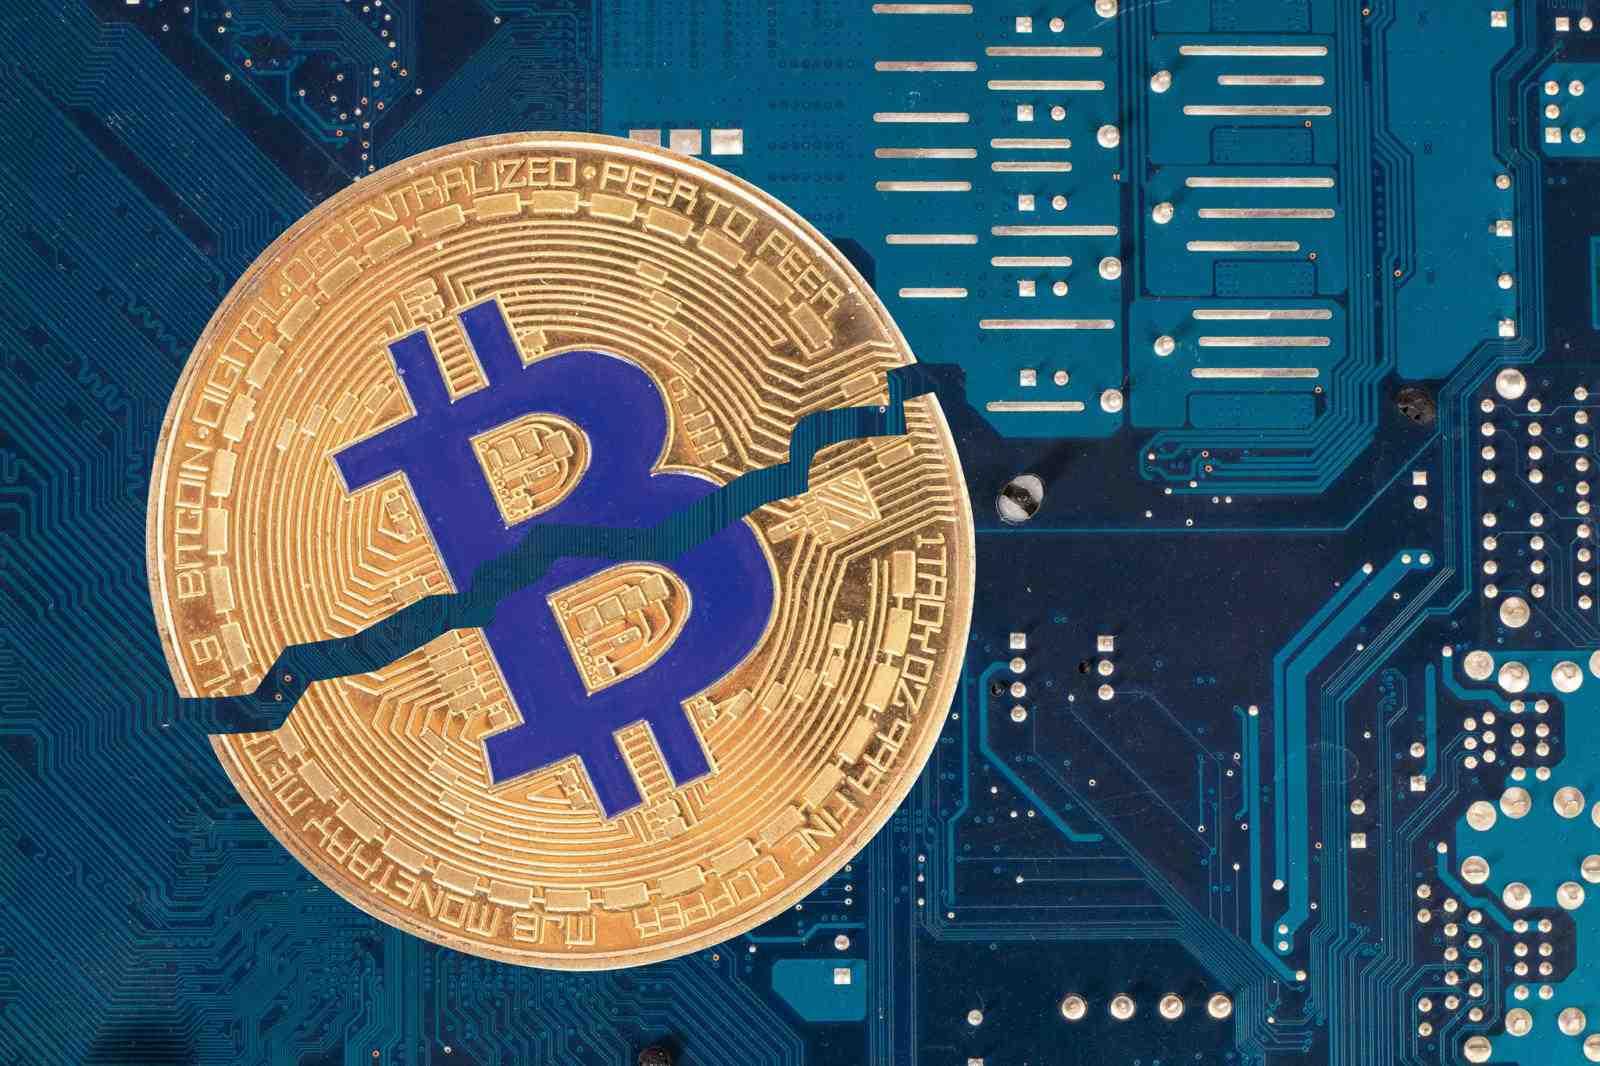 Bitcoin Fiyatı Halving Sonrası 10 Bin Doların Üzerinde Kalacak mı